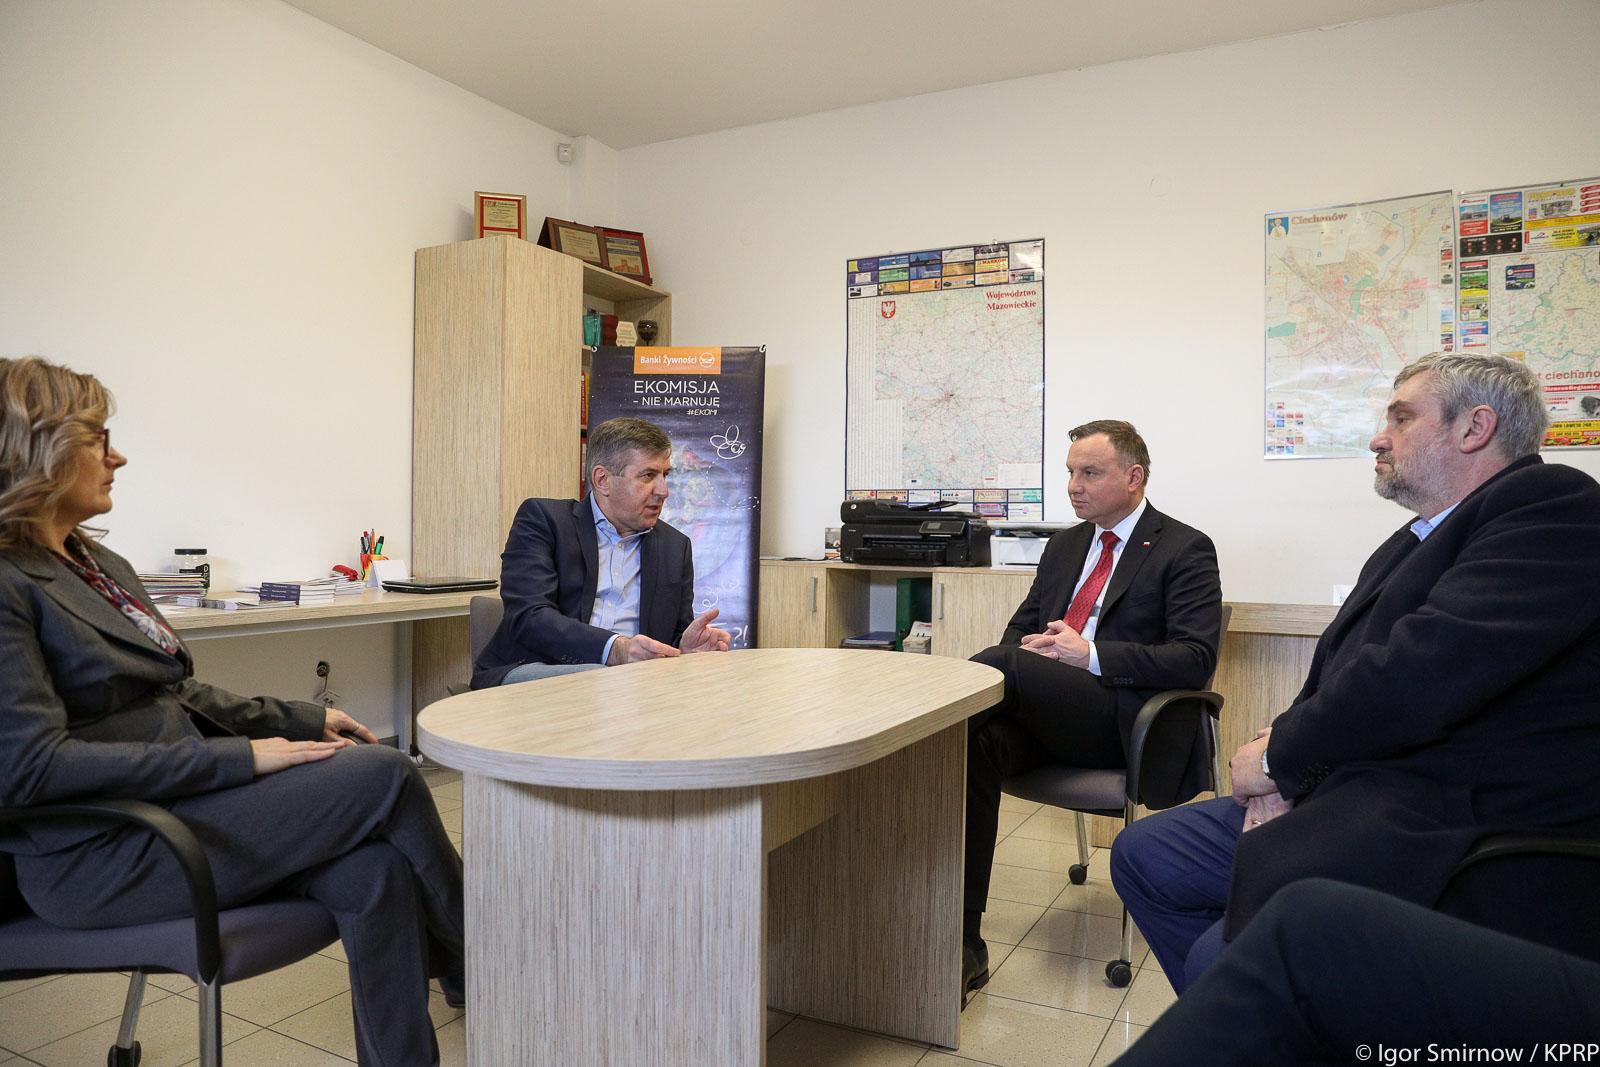 Prezydent RP Andrzej Duda i min. J. K. Ardanowski podczas rozmowy z kierownictwem Banku Żywności